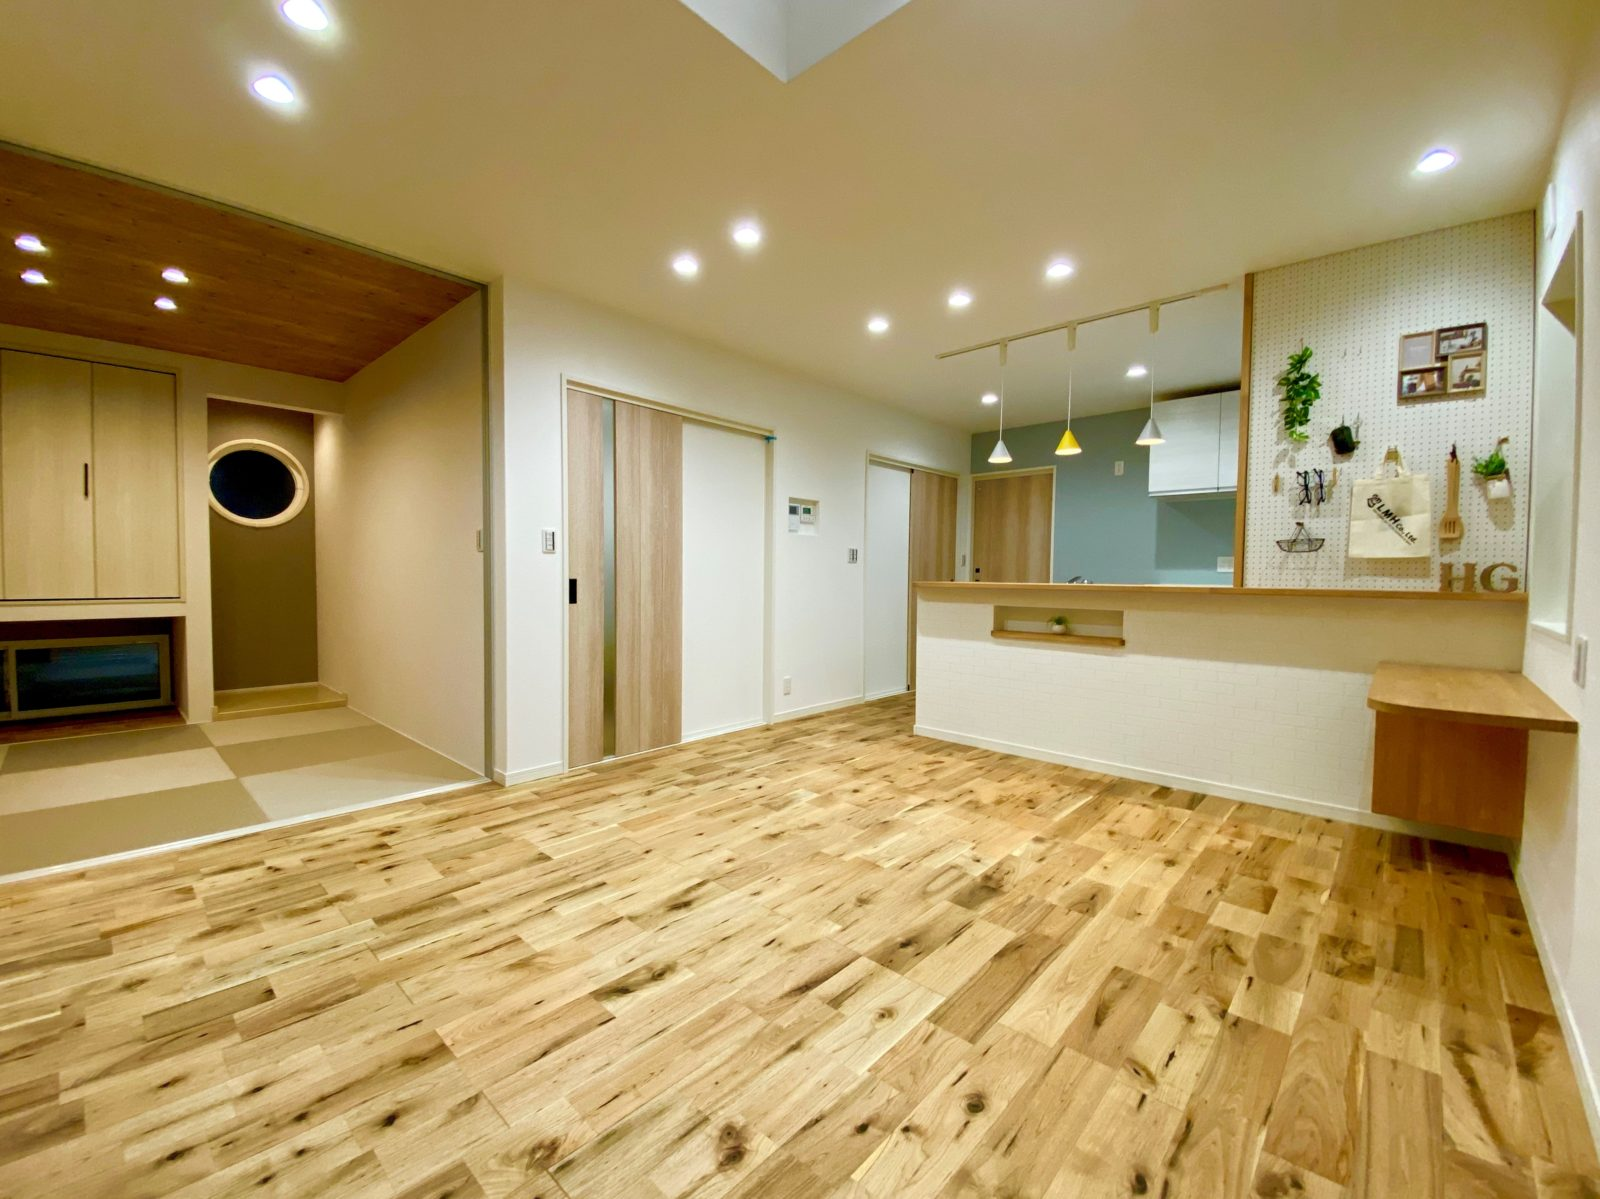 鹿児島市光山でオープンハウス 北欧風デザインの優しい雰囲気のお家